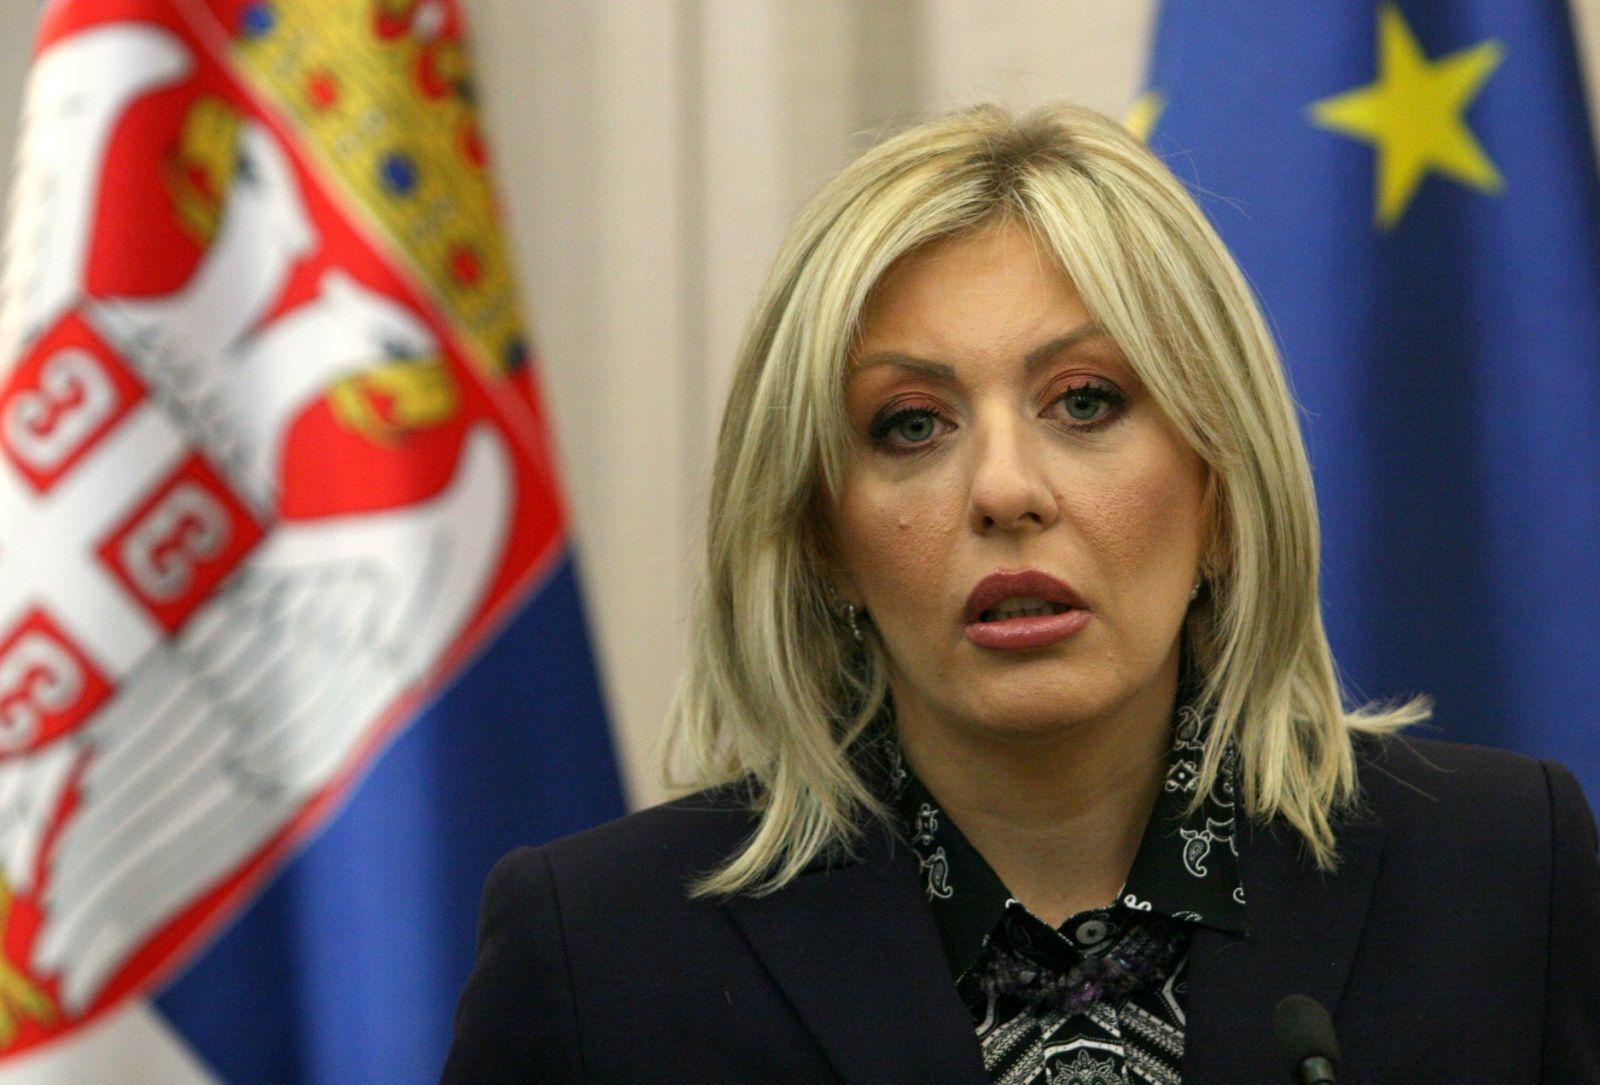 Ј. Јоксимовић: Закон о слободи вероисповести озбиљан корак уназад